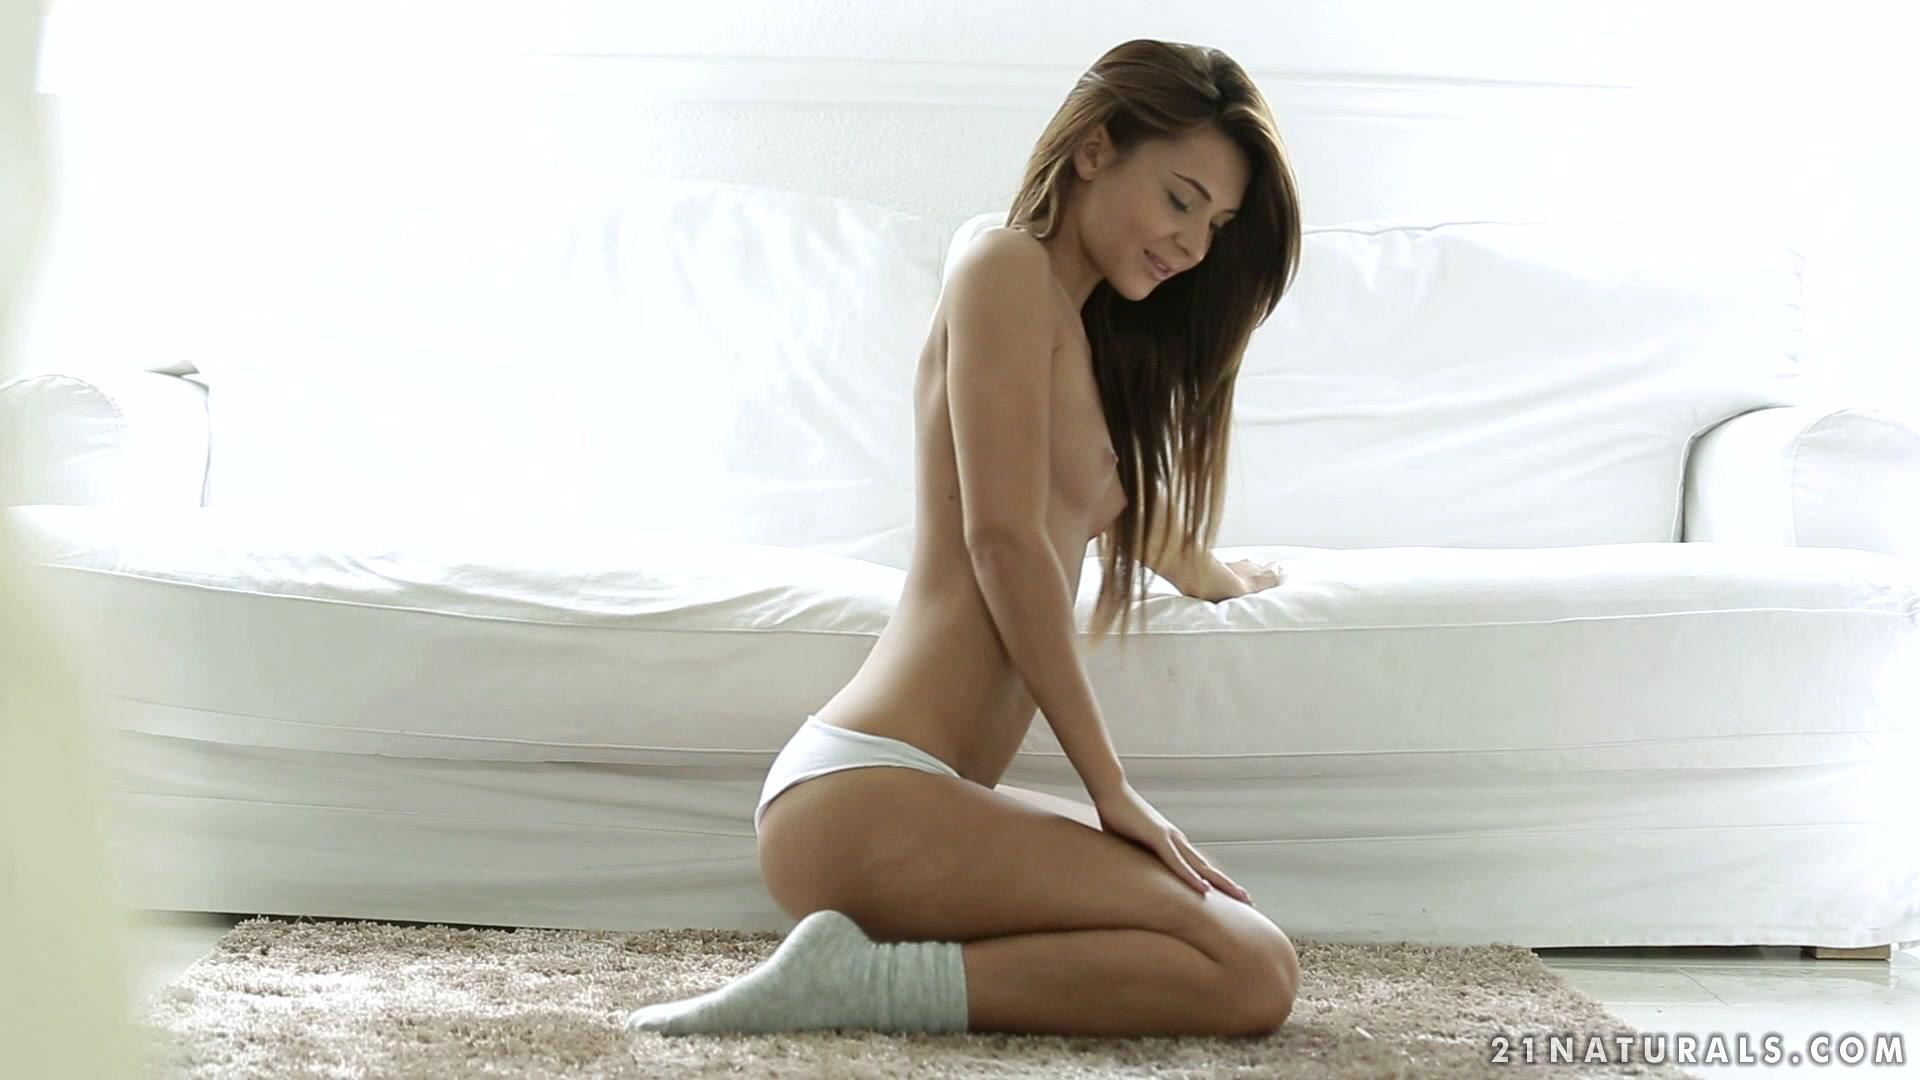 Рыжая Бабенка Показывает Промежность Сидя На Стуле Порно И Секс Фото С Молоденькими